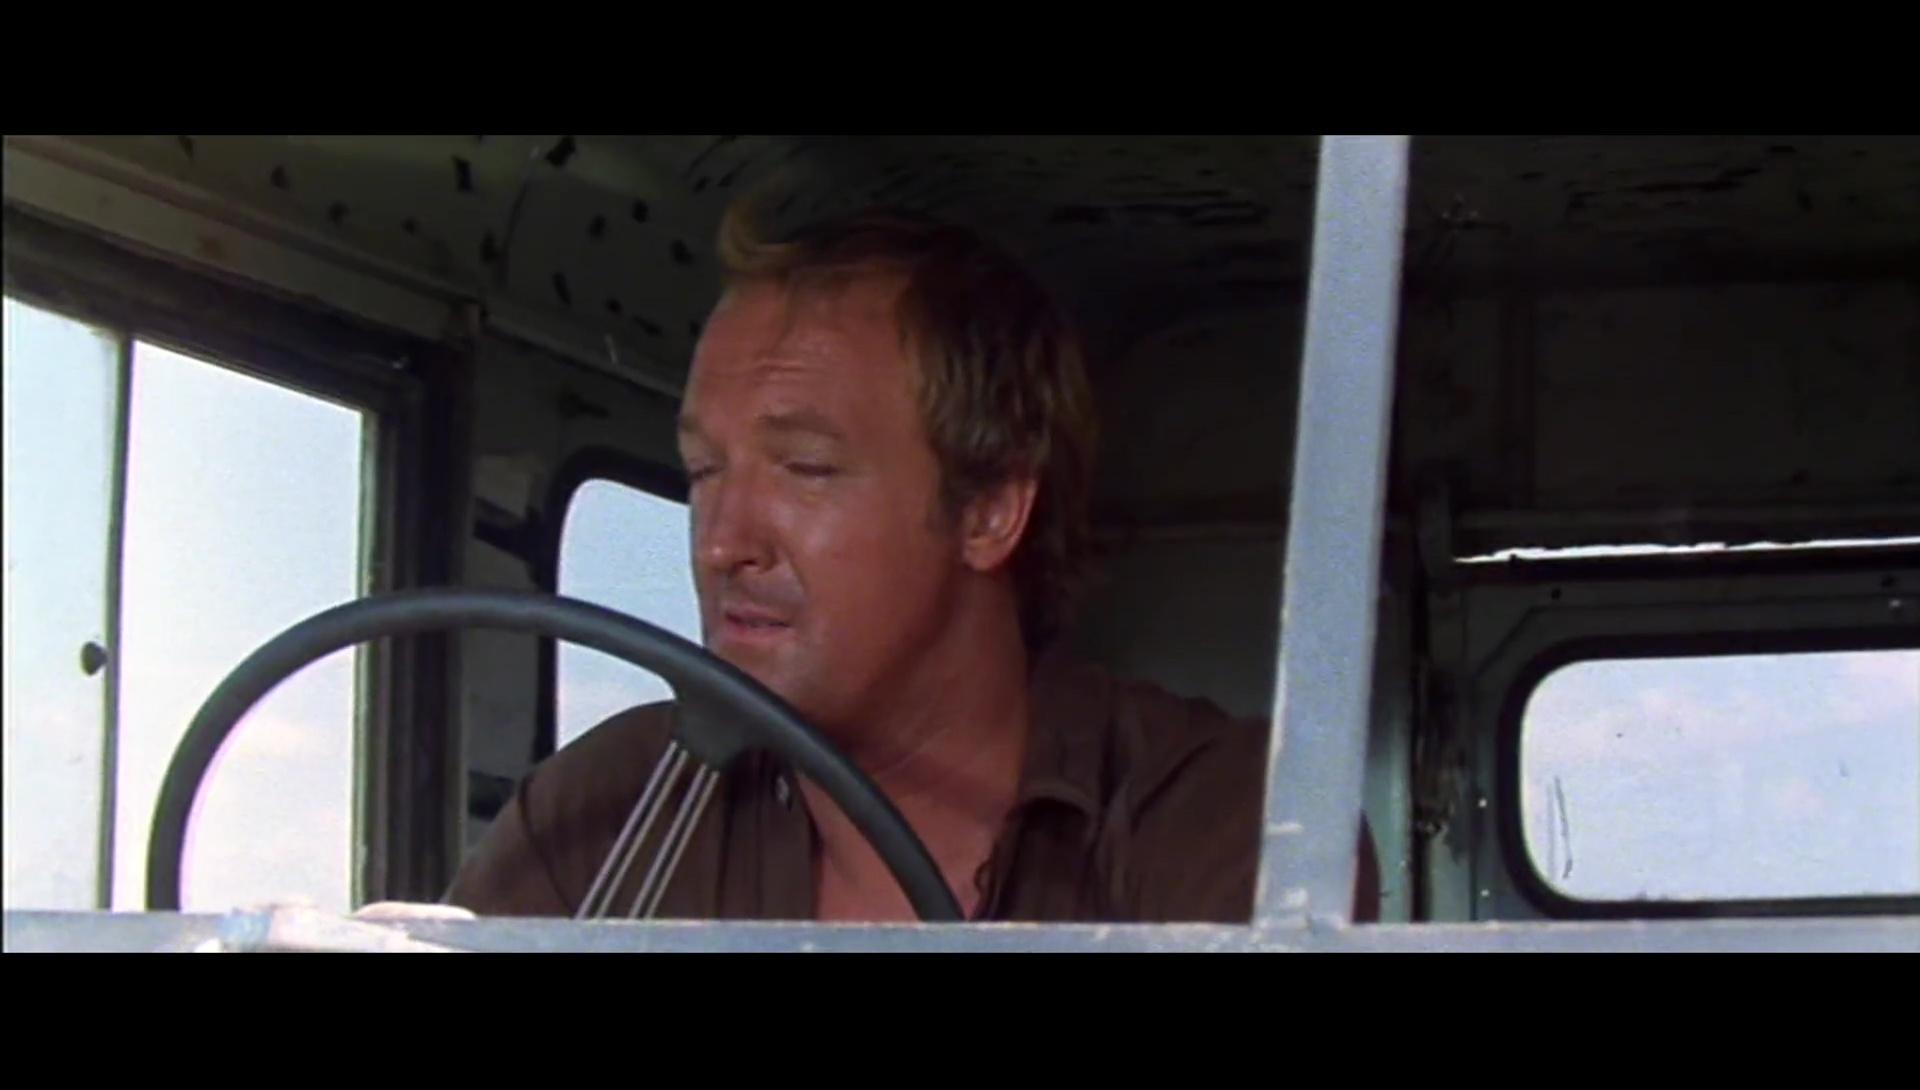 Los Dioses Deben Estar Locos 1080p Lat-Cast-Ing[Comedia](1980)